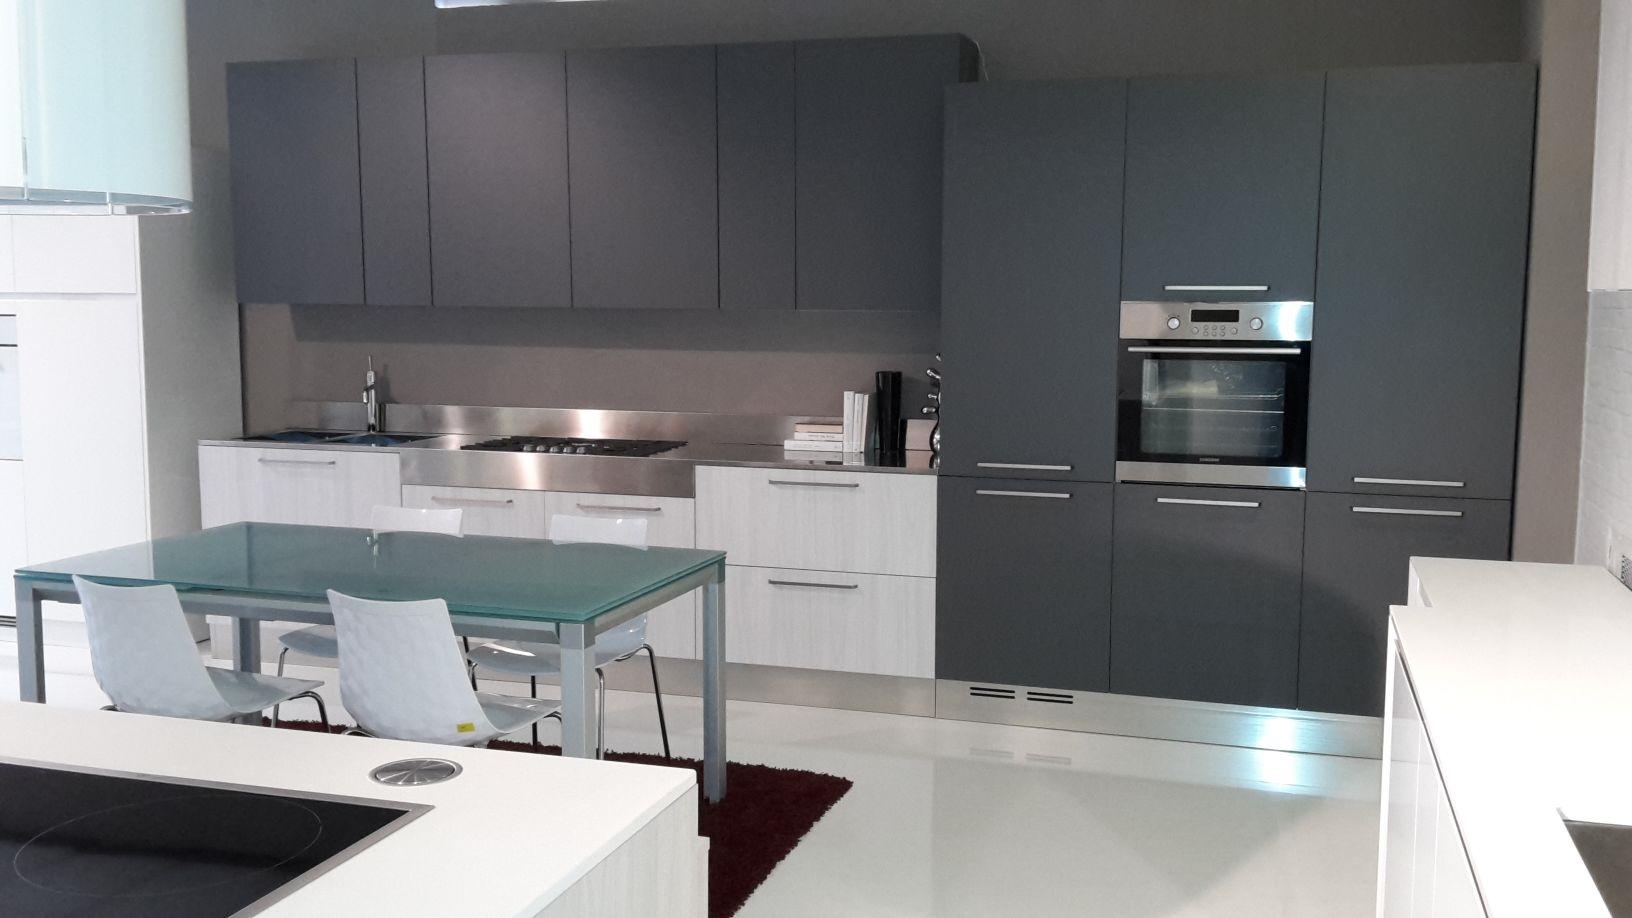 Mondo convenienza cucina stella rovere grigio - Cucina rovere bianco ...